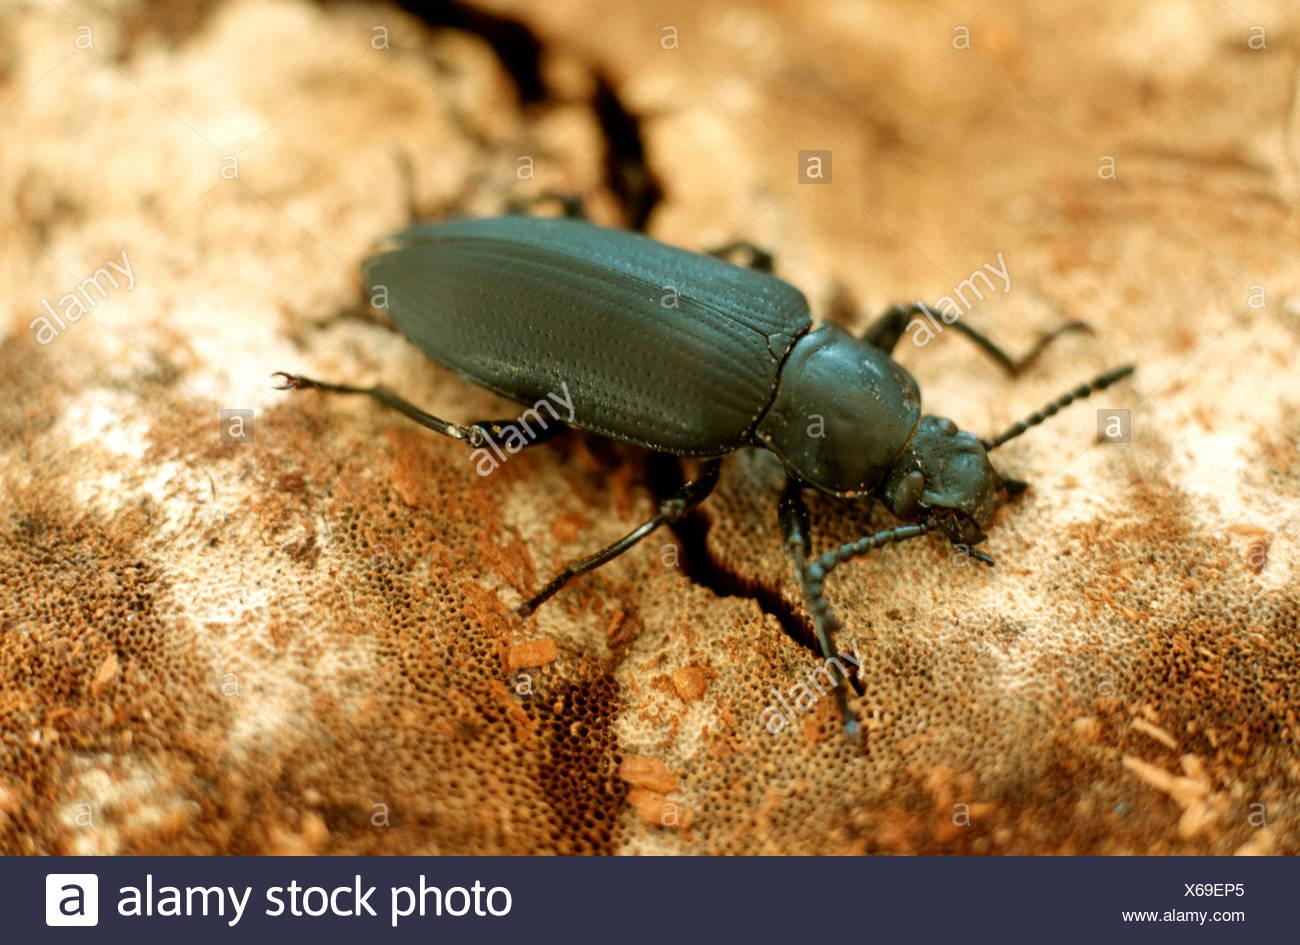 Kingworm, Superworm (Zophobas Morio), Imago, wichtige Nahrung für Terrarien Tiere Stockbild